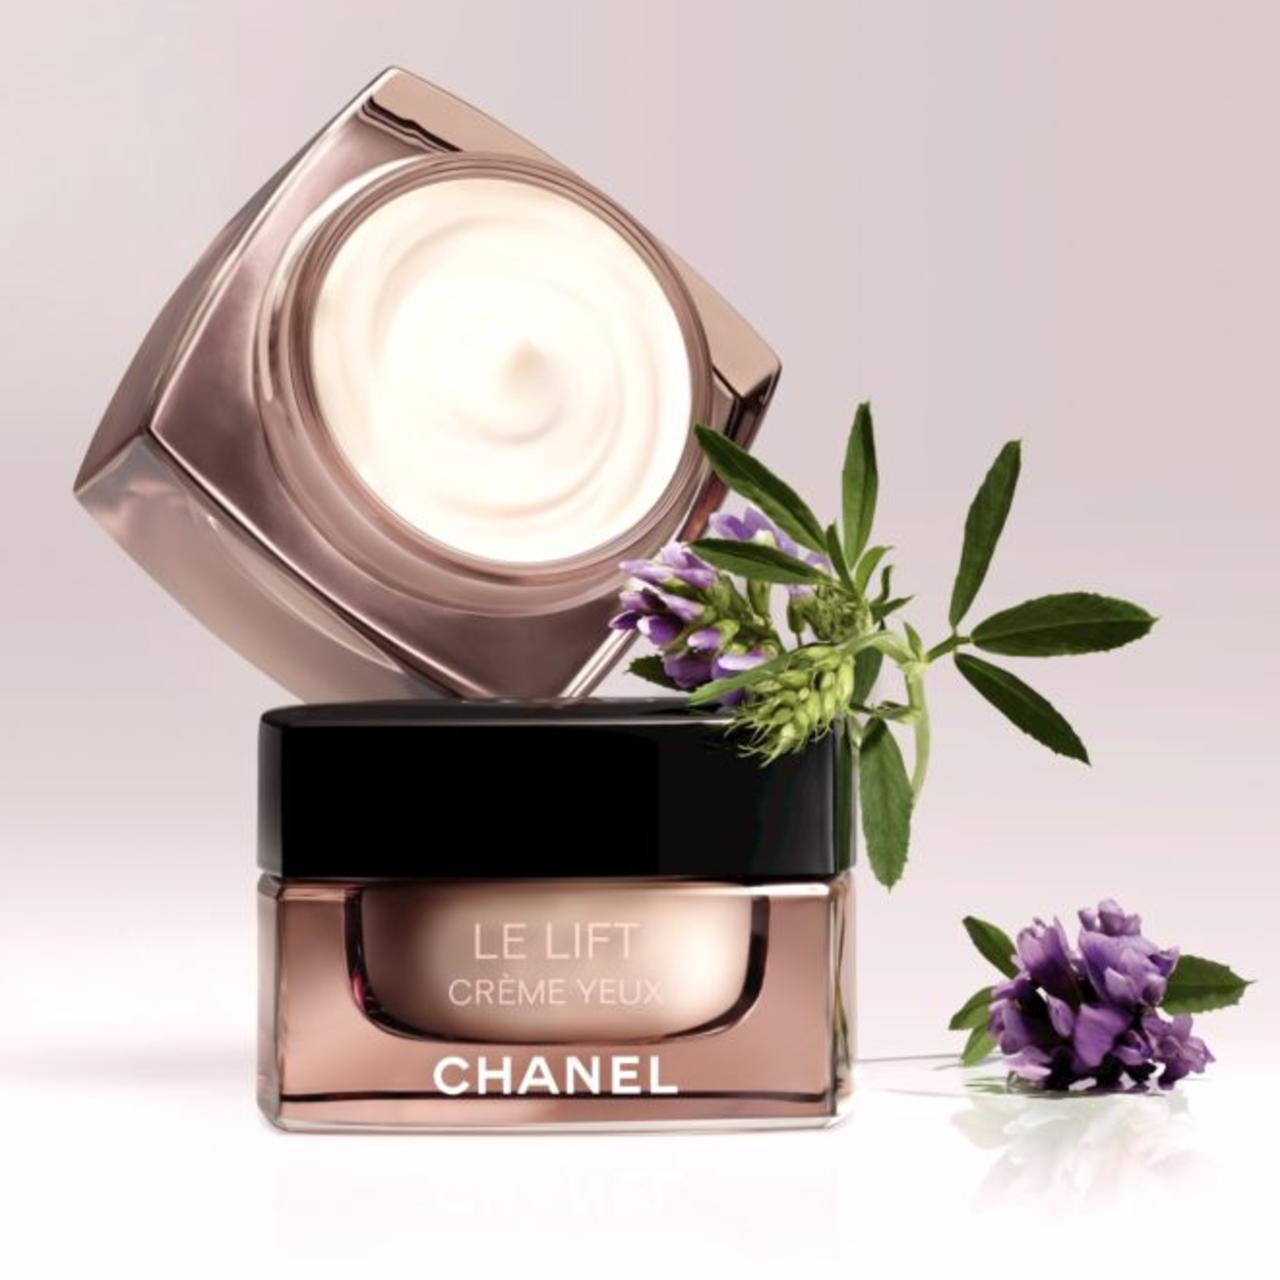 Chanel Le Lift Créme Yeux.